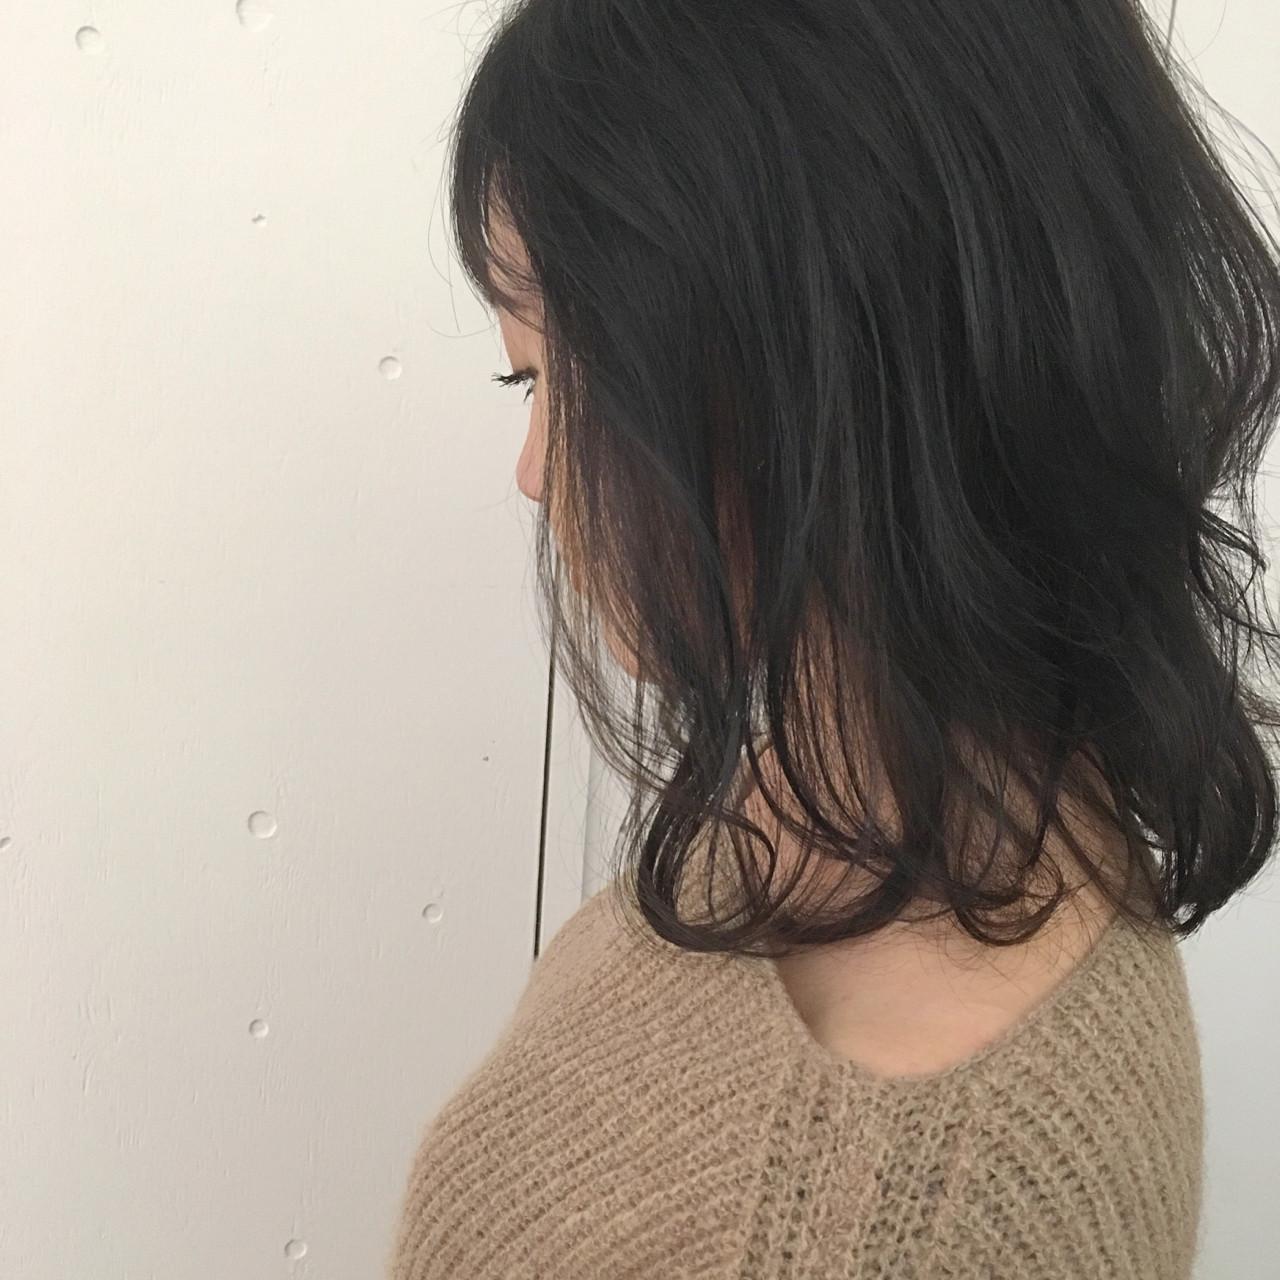 ミディアム アッシュグレージュ 暗髪 アッシュグレー ヘアスタイルや髪型の写真・画像